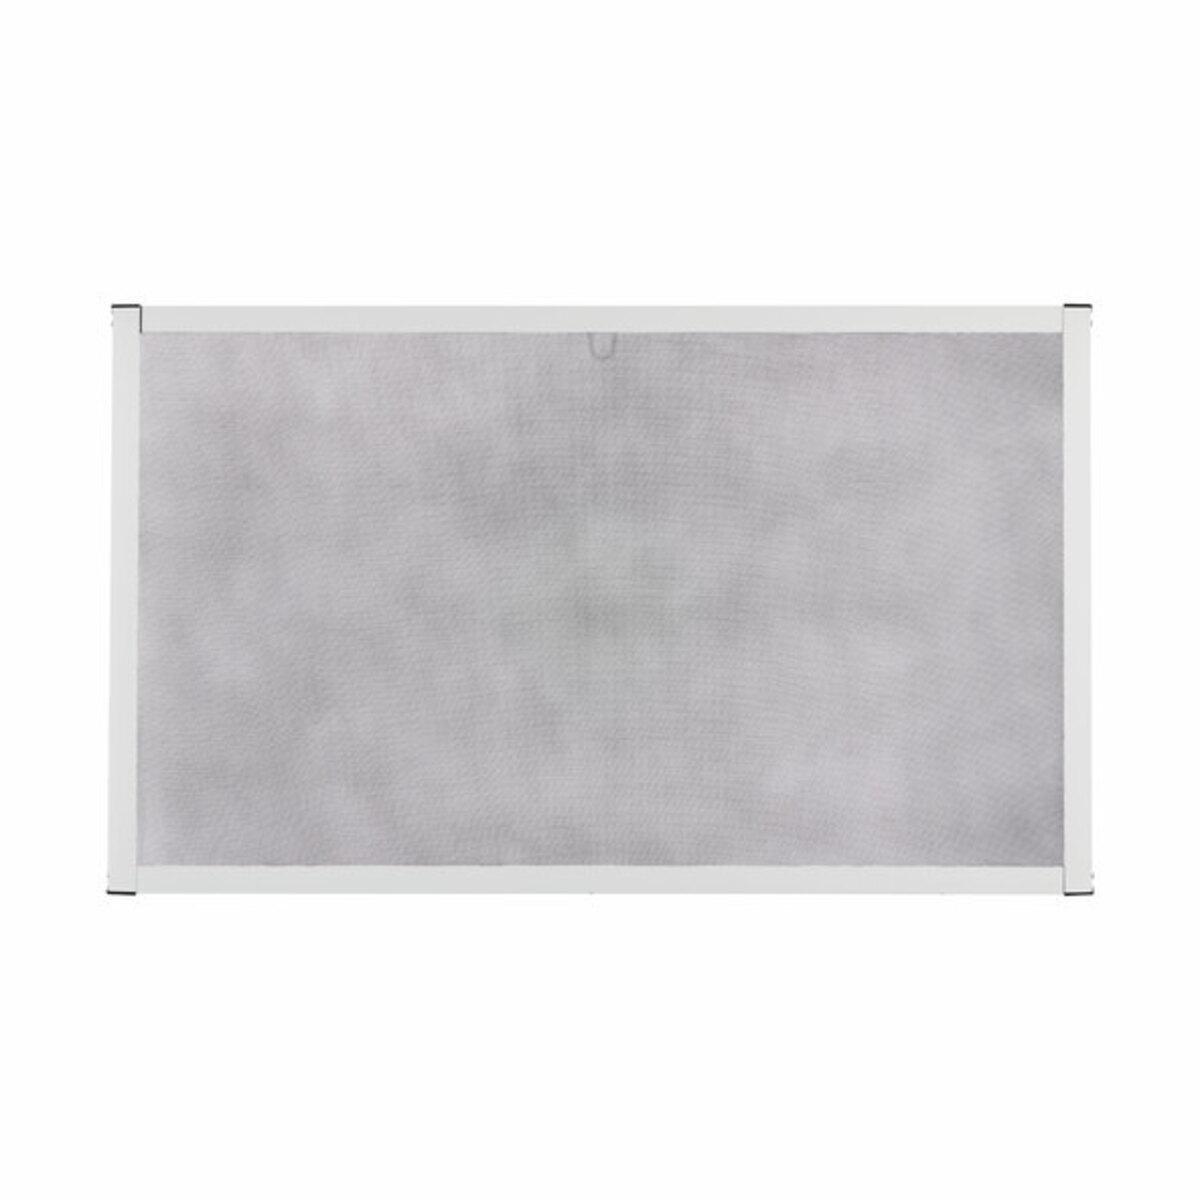 Bild 2 von Nagerschutzfenster, 100 x 60 cm